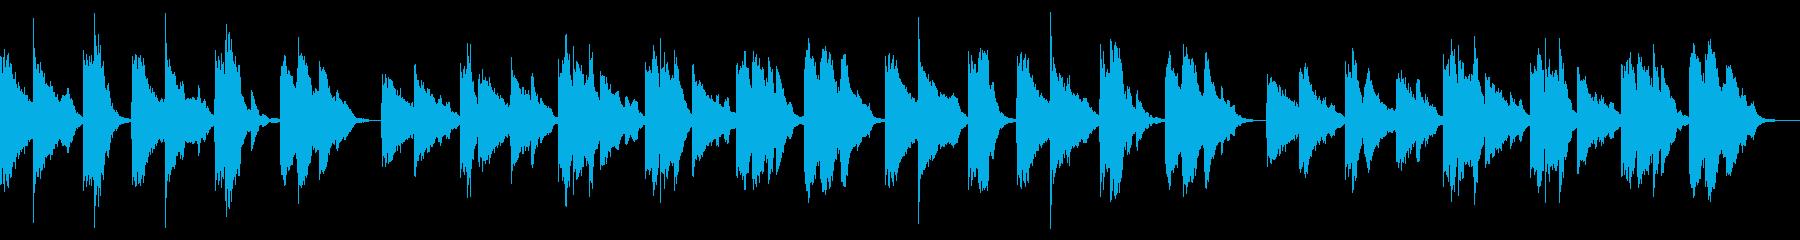 アンニュイで美しいピアノソロ作品です。の再生済みの波形